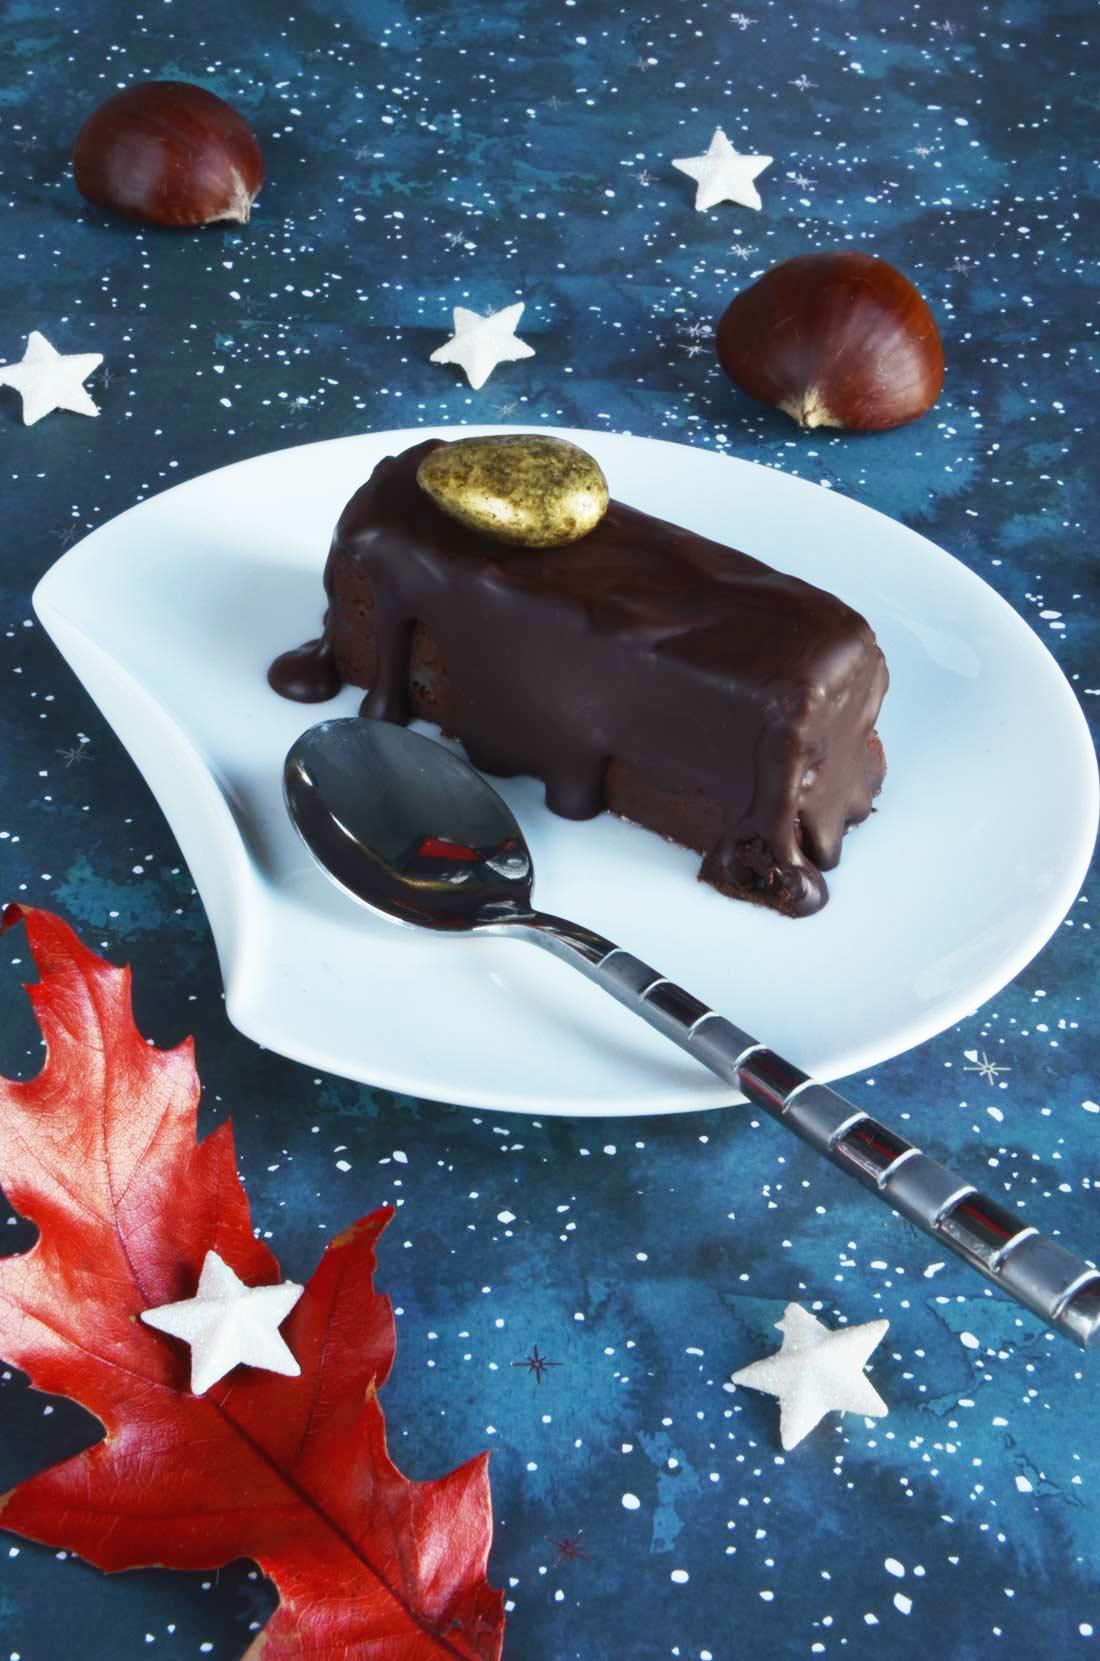 Joli dessert : Mini parfaits chocolat châtaigne fait maison